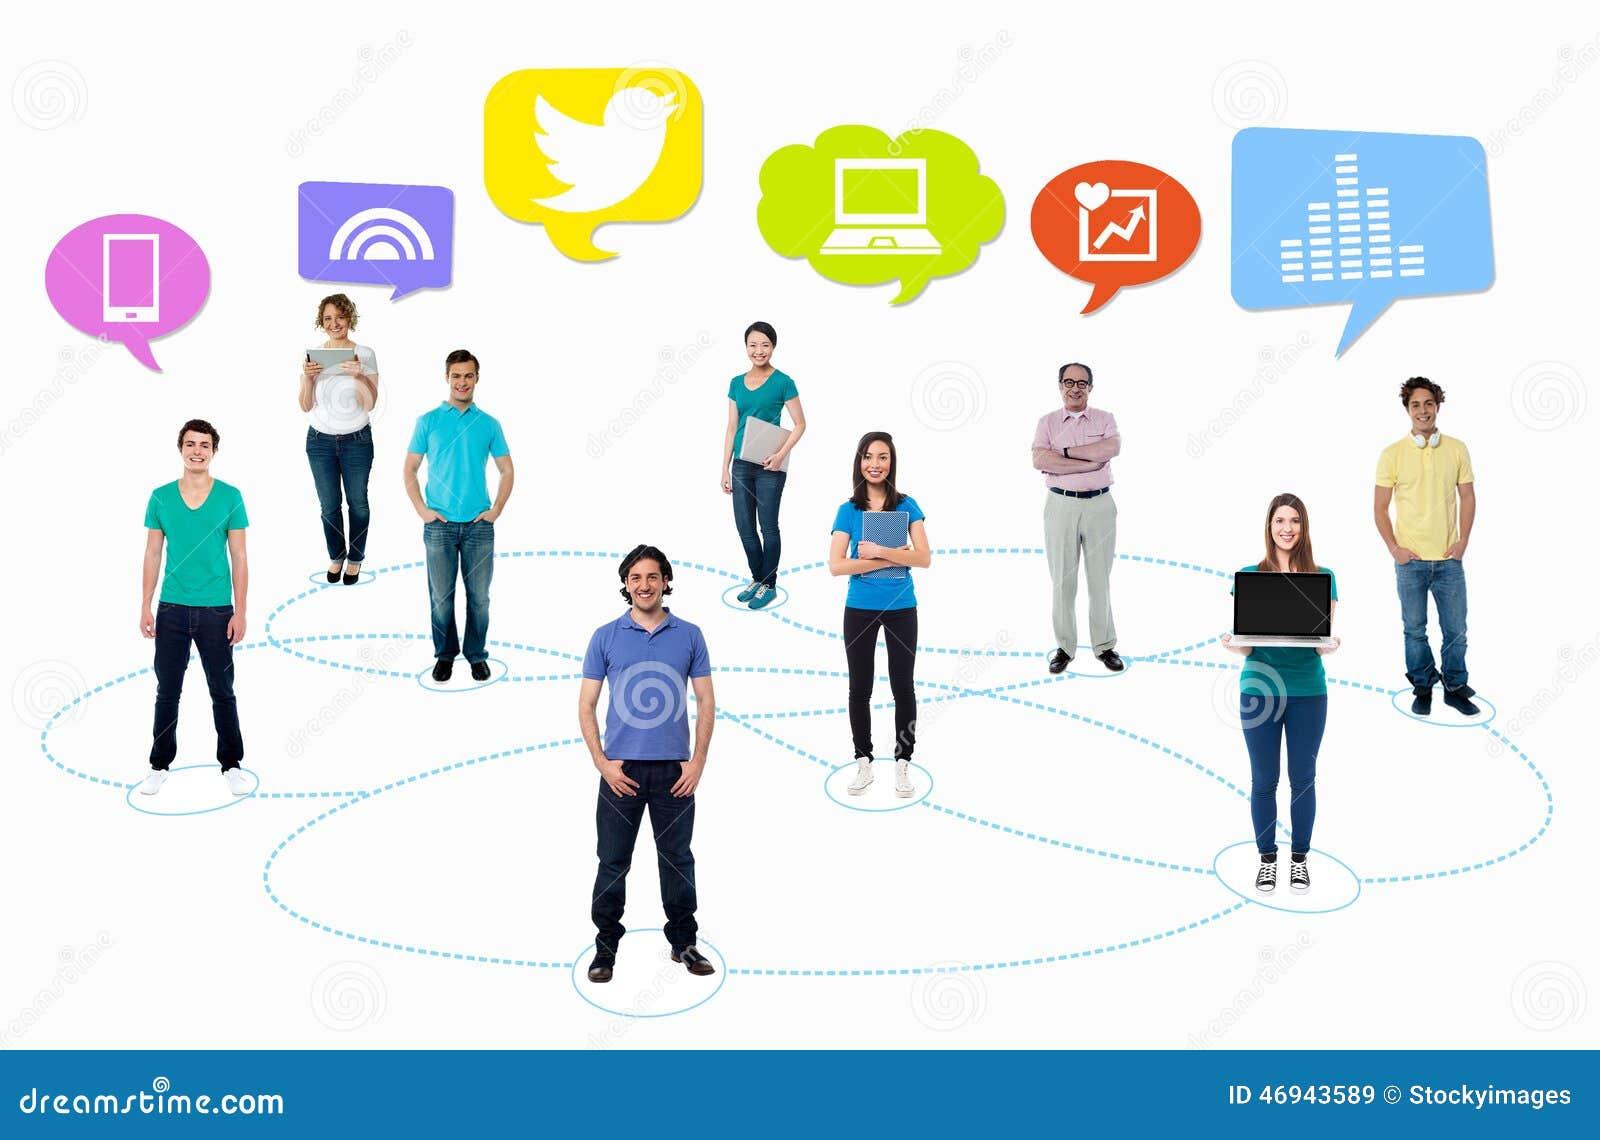 Gente conectada a través de red